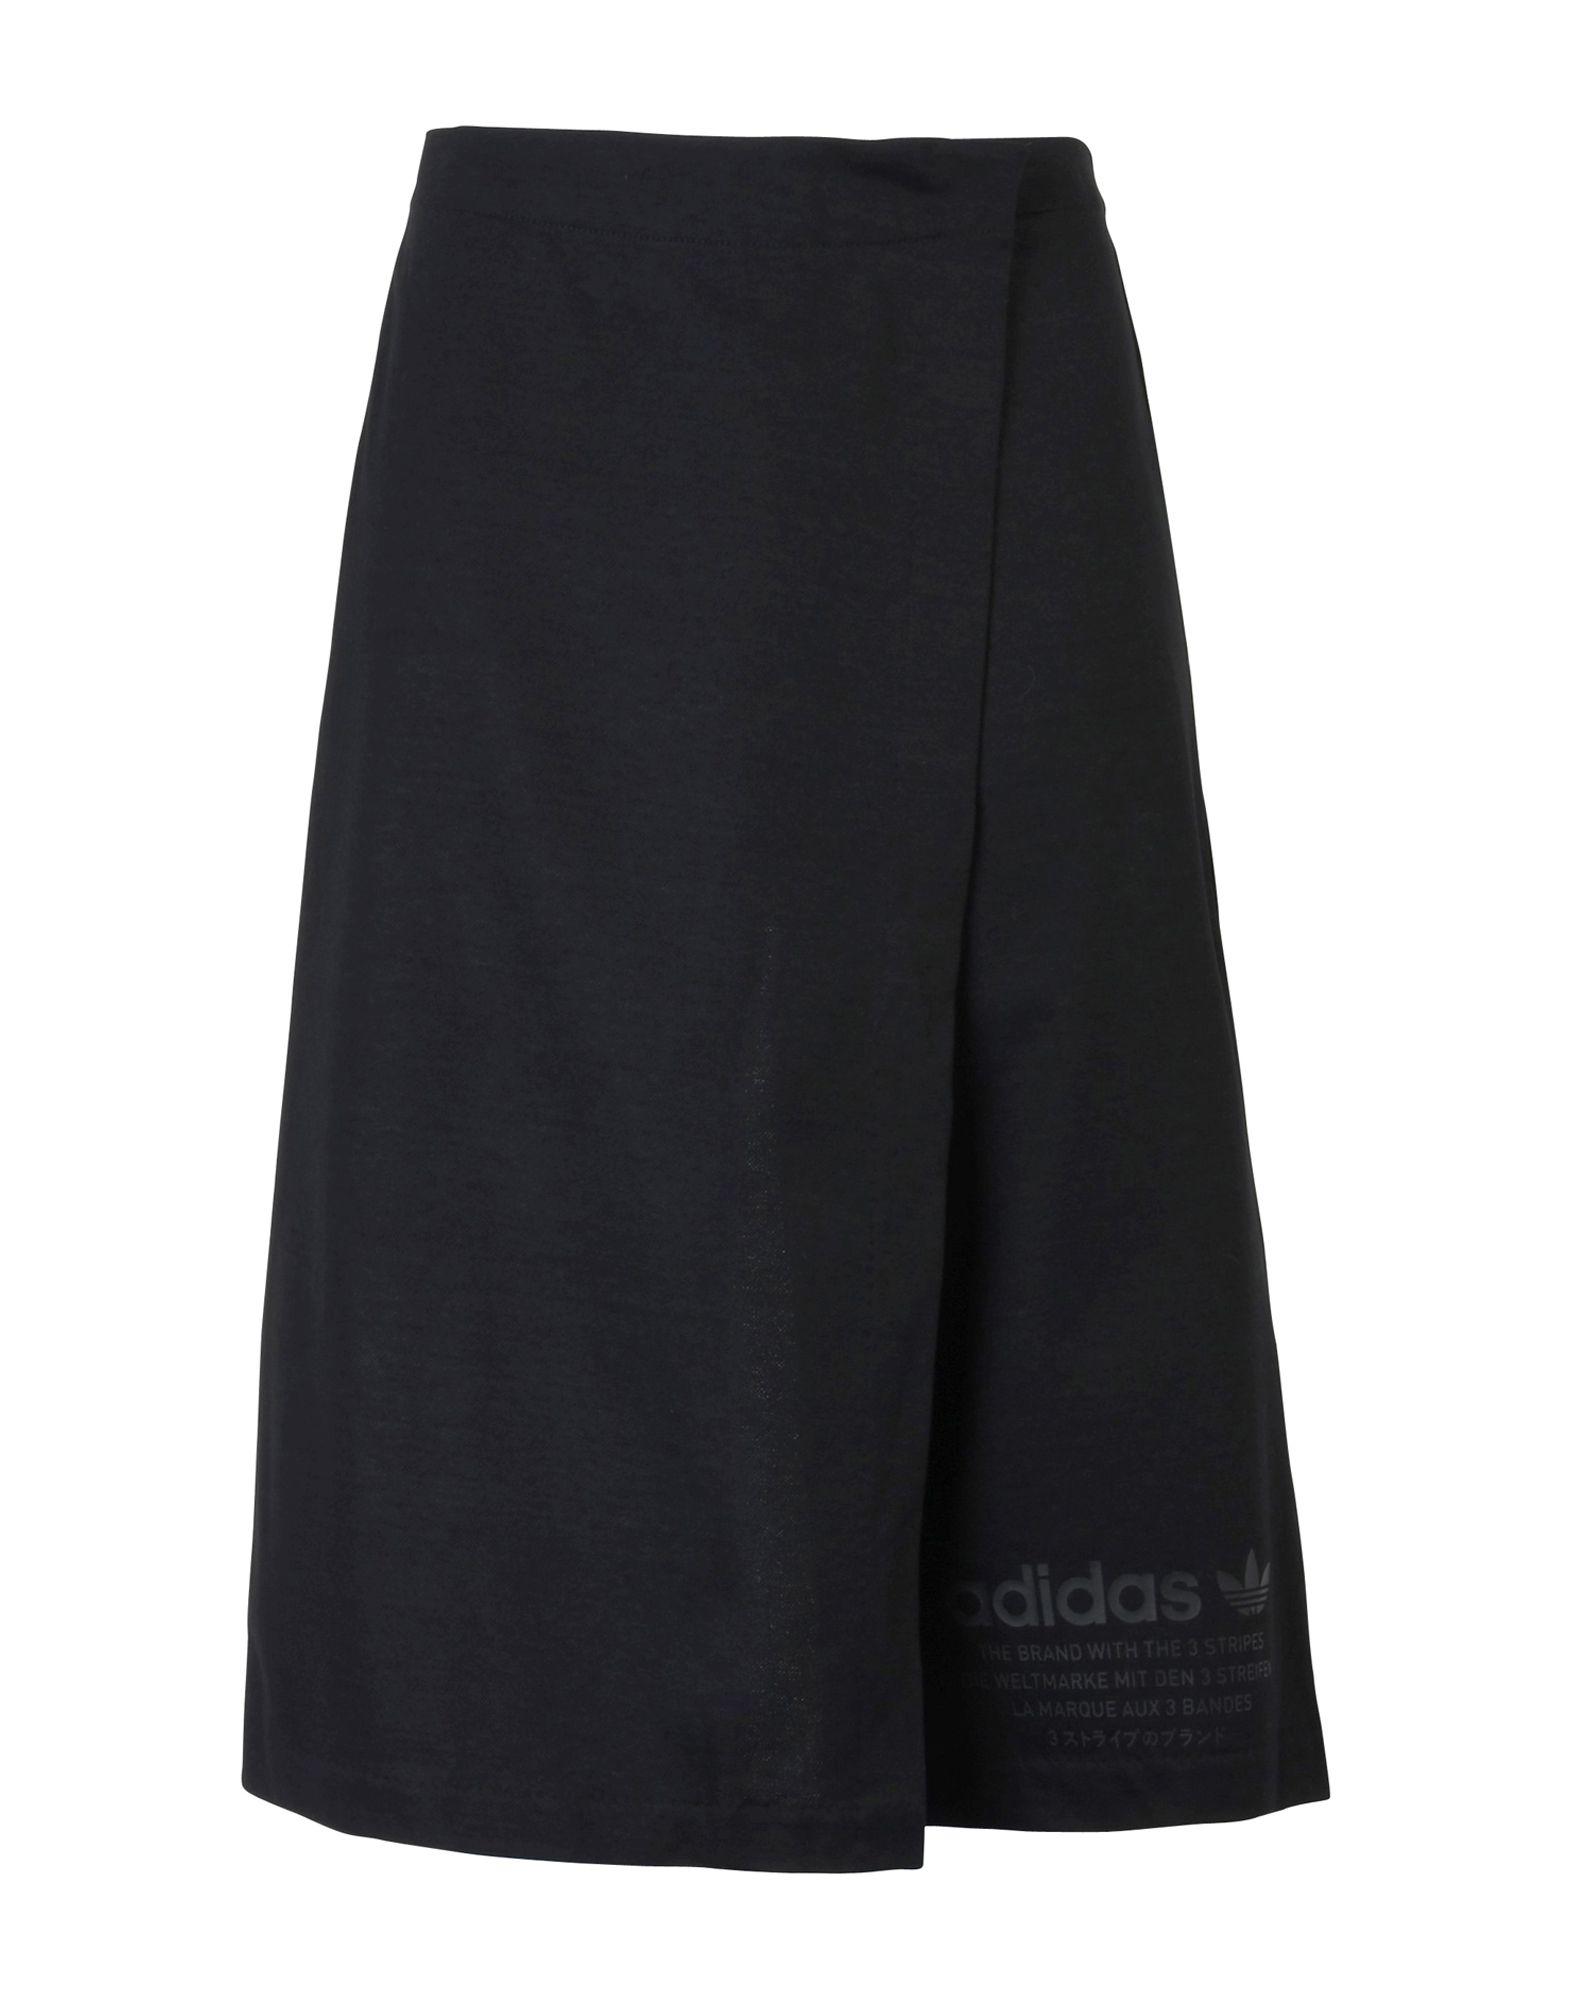 ADIDAS ORIGINALS Юбка длиной 3/4 юбка adidas originals adidas originals ad093ewunq67